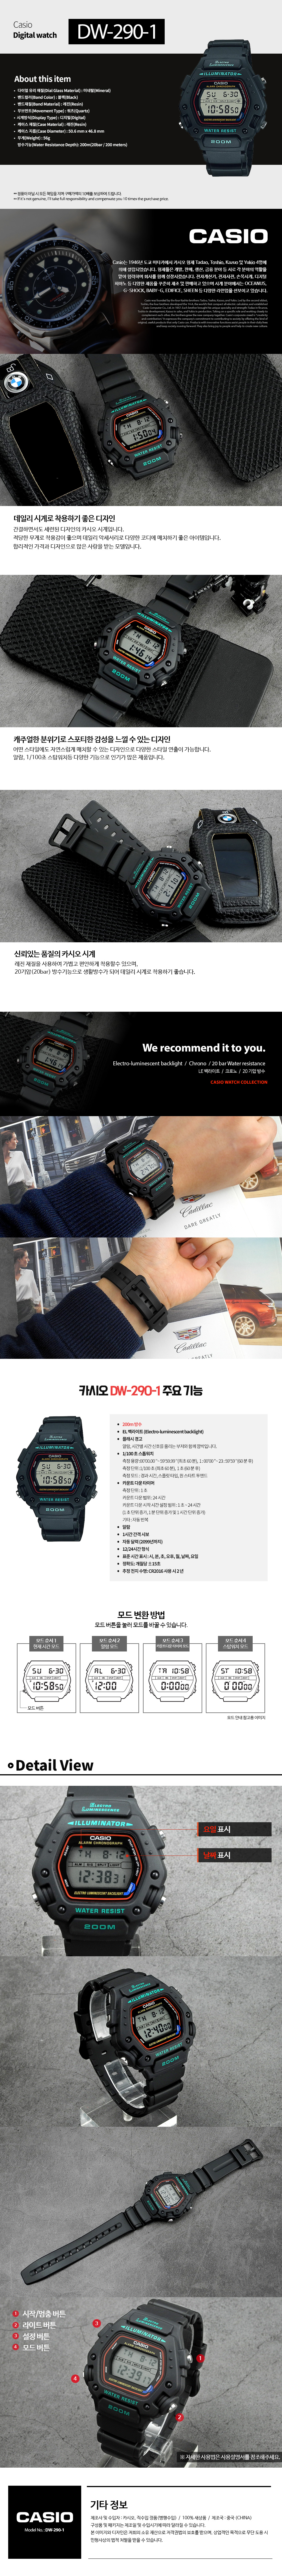 카시오(CASIO) DW-290-1 남성 디지털 손목 시계